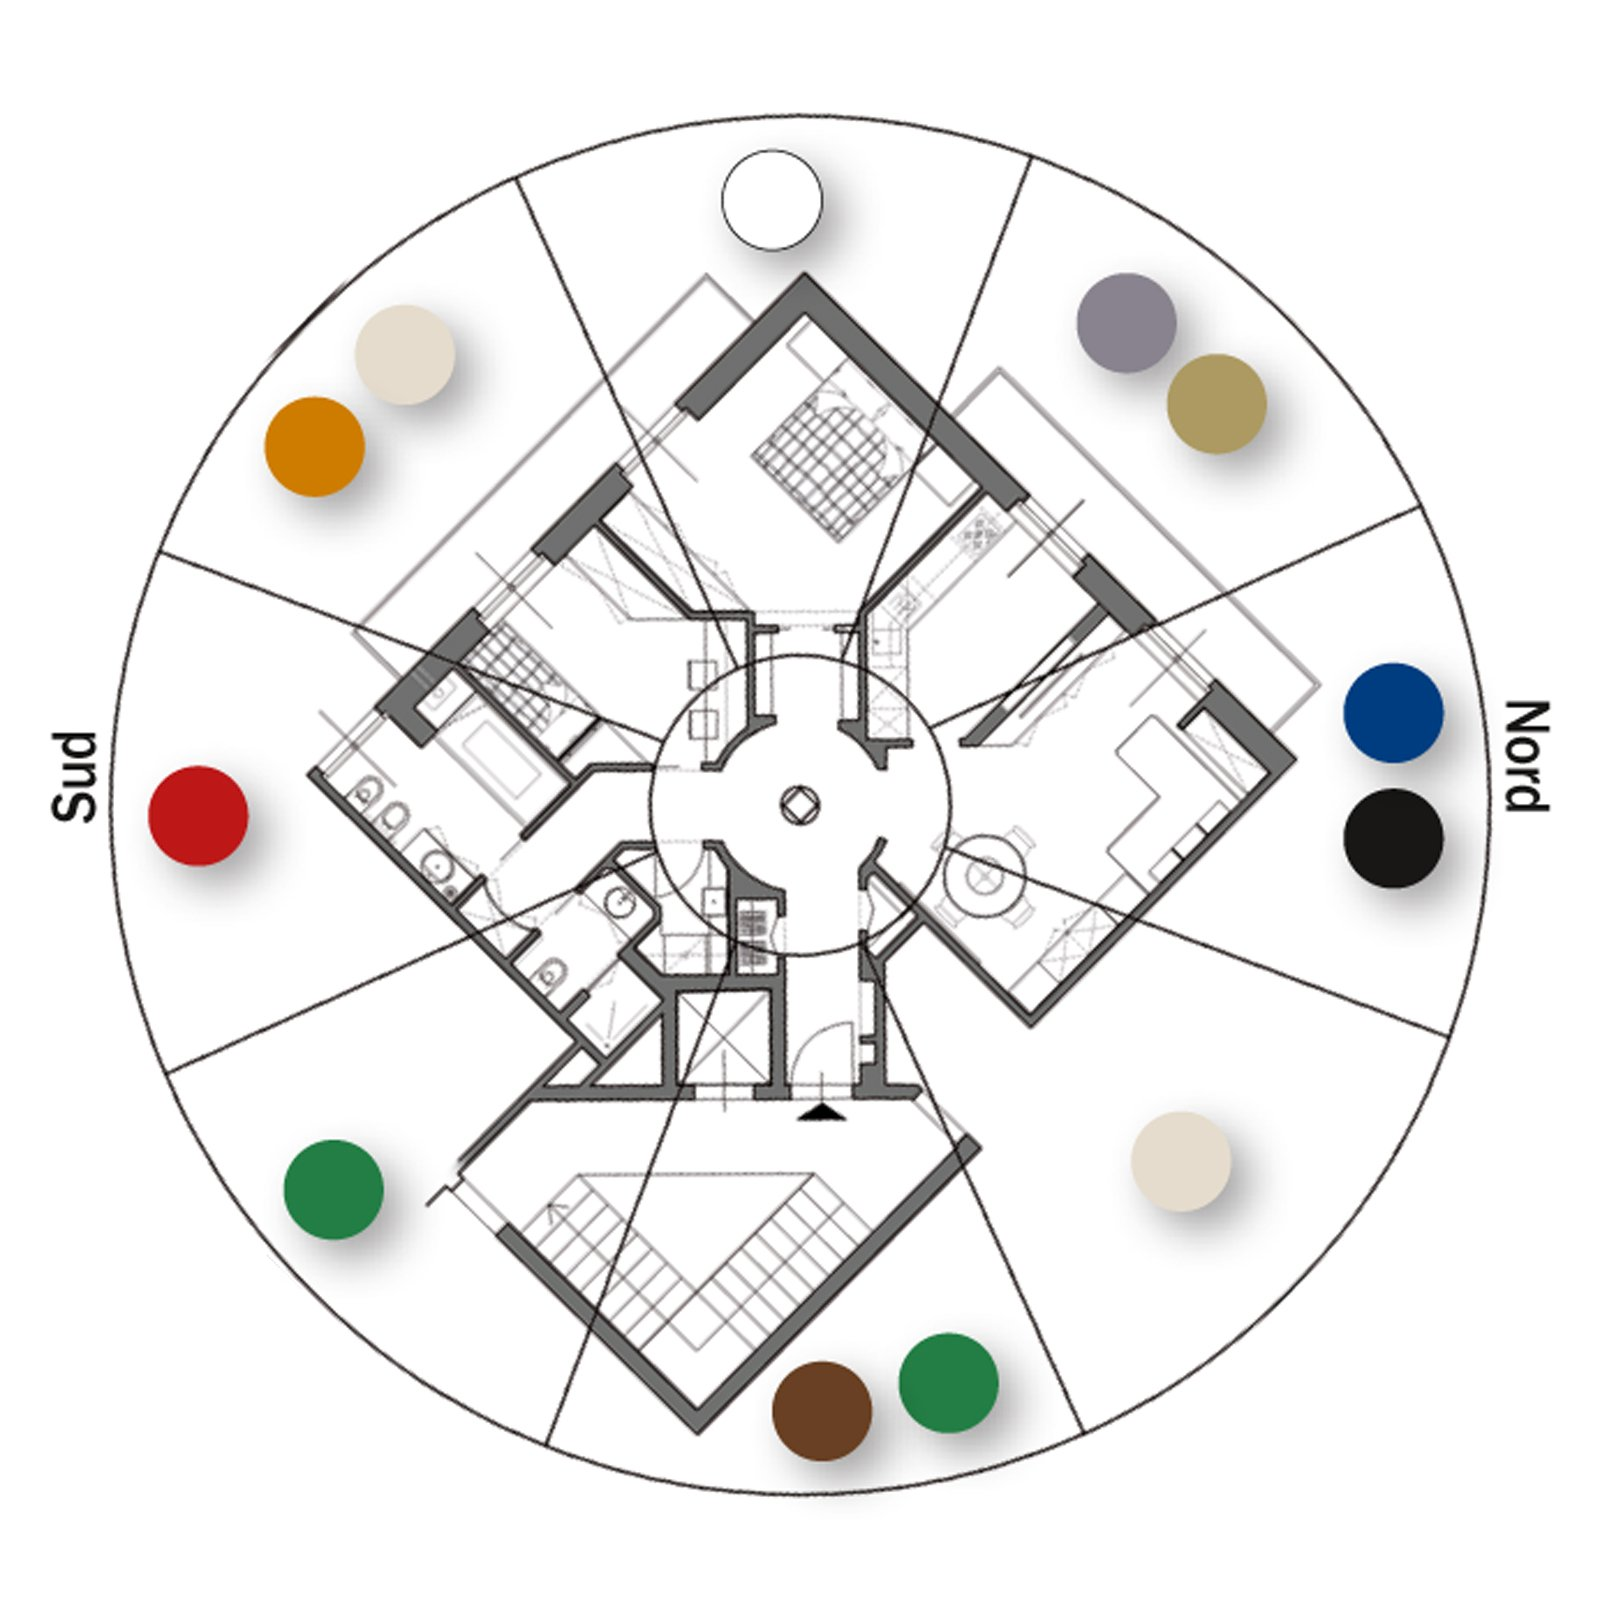 75 mq un trilocale pensato per il benessere cose di casa. Black Bedroom Furniture Sets. Home Design Ideas